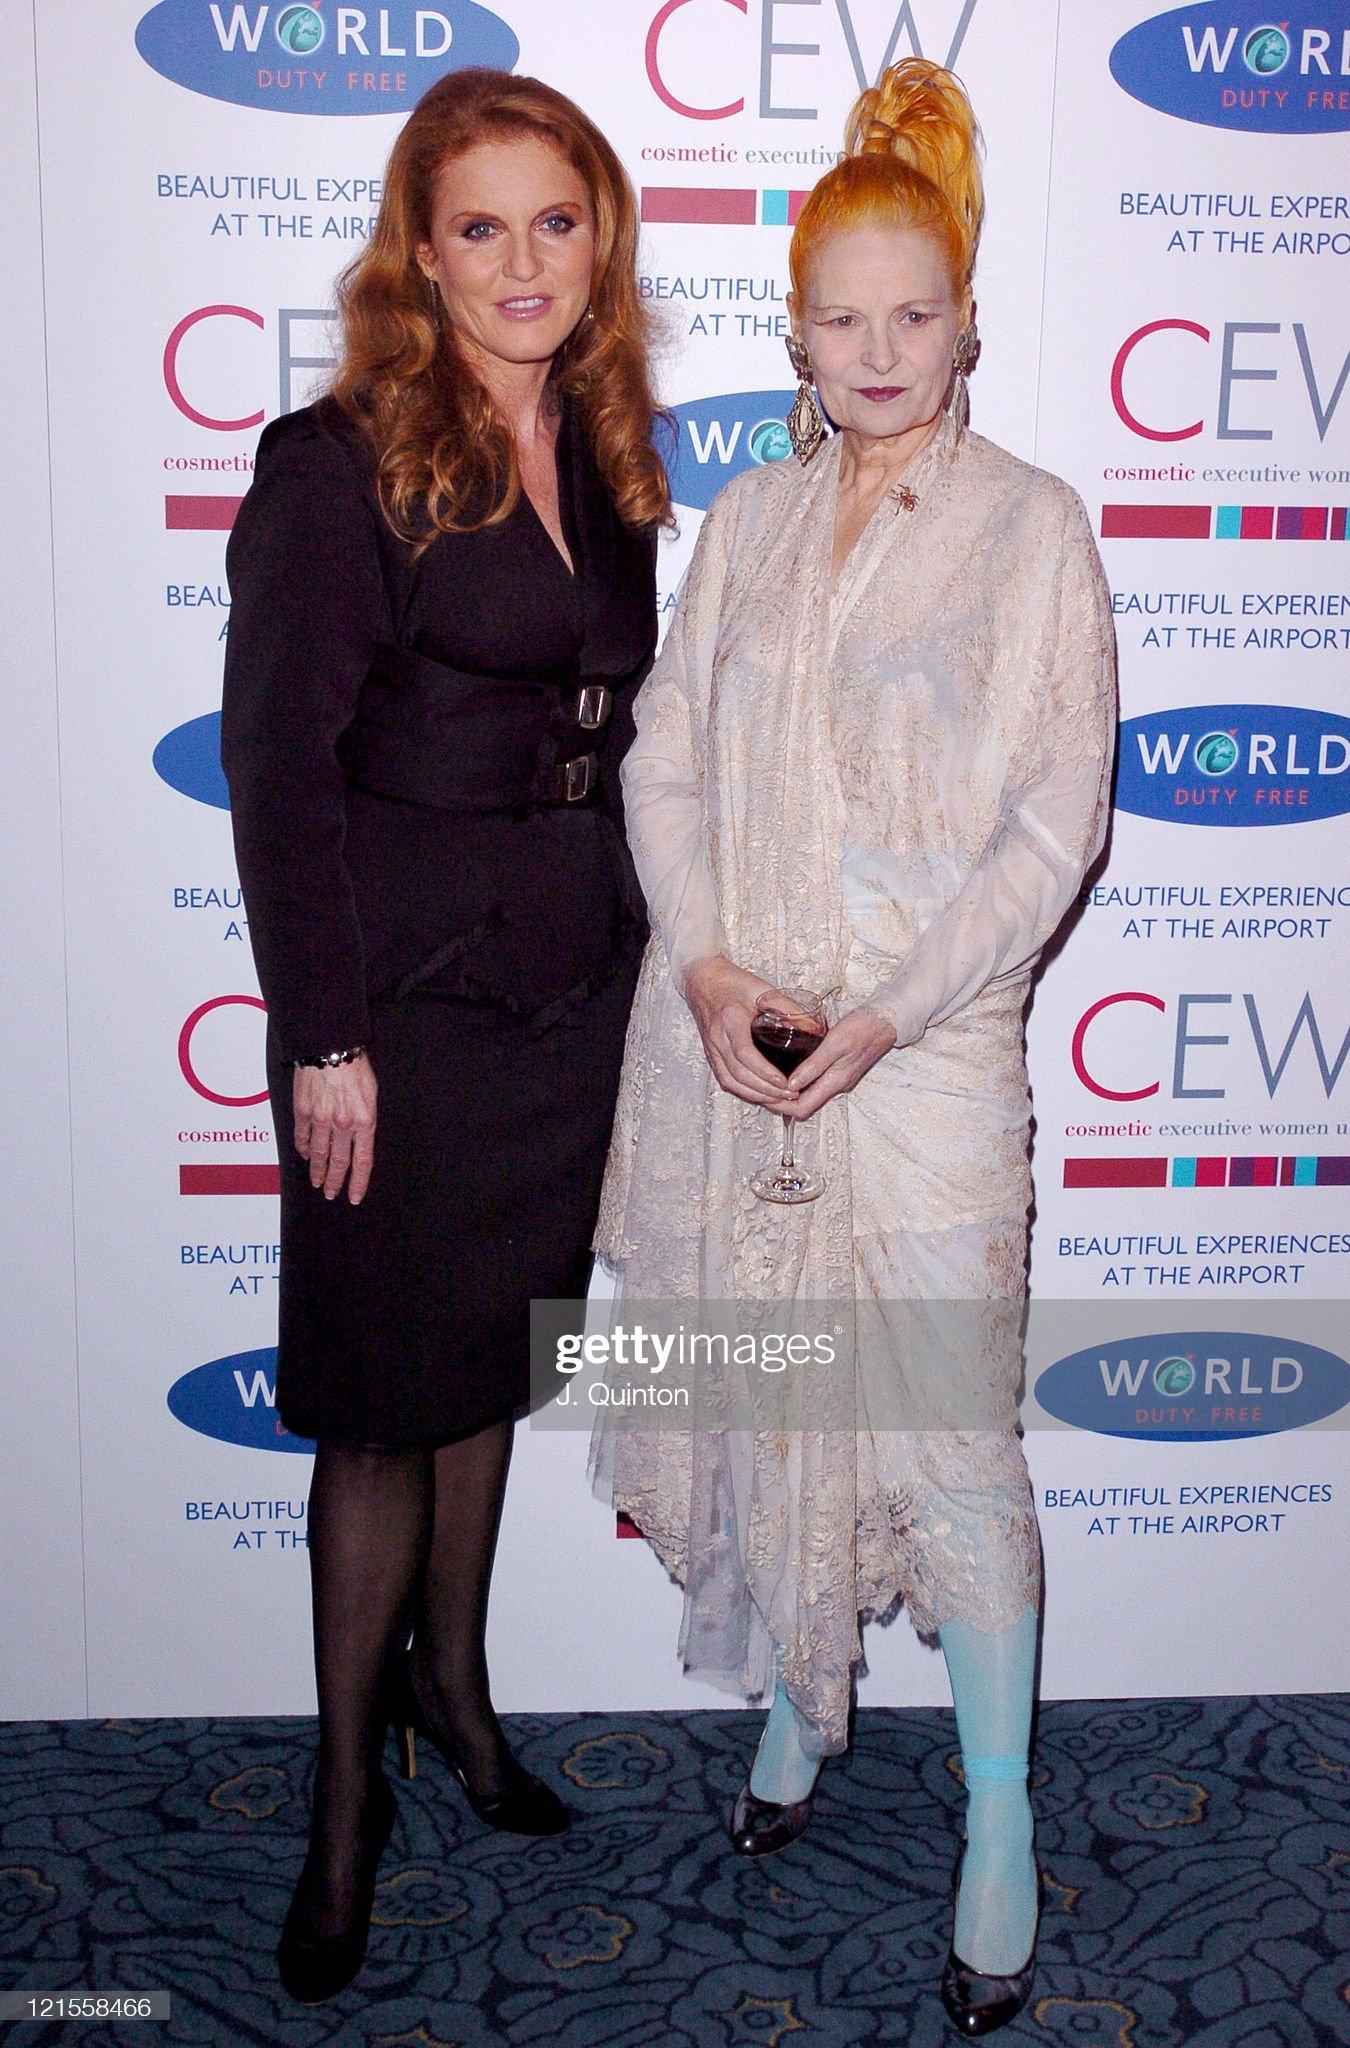 Вечерние наряды Отем пока еще Филлипс и Сары Йоркской Cosmetic Executive Women Achiever Awards : News Photo